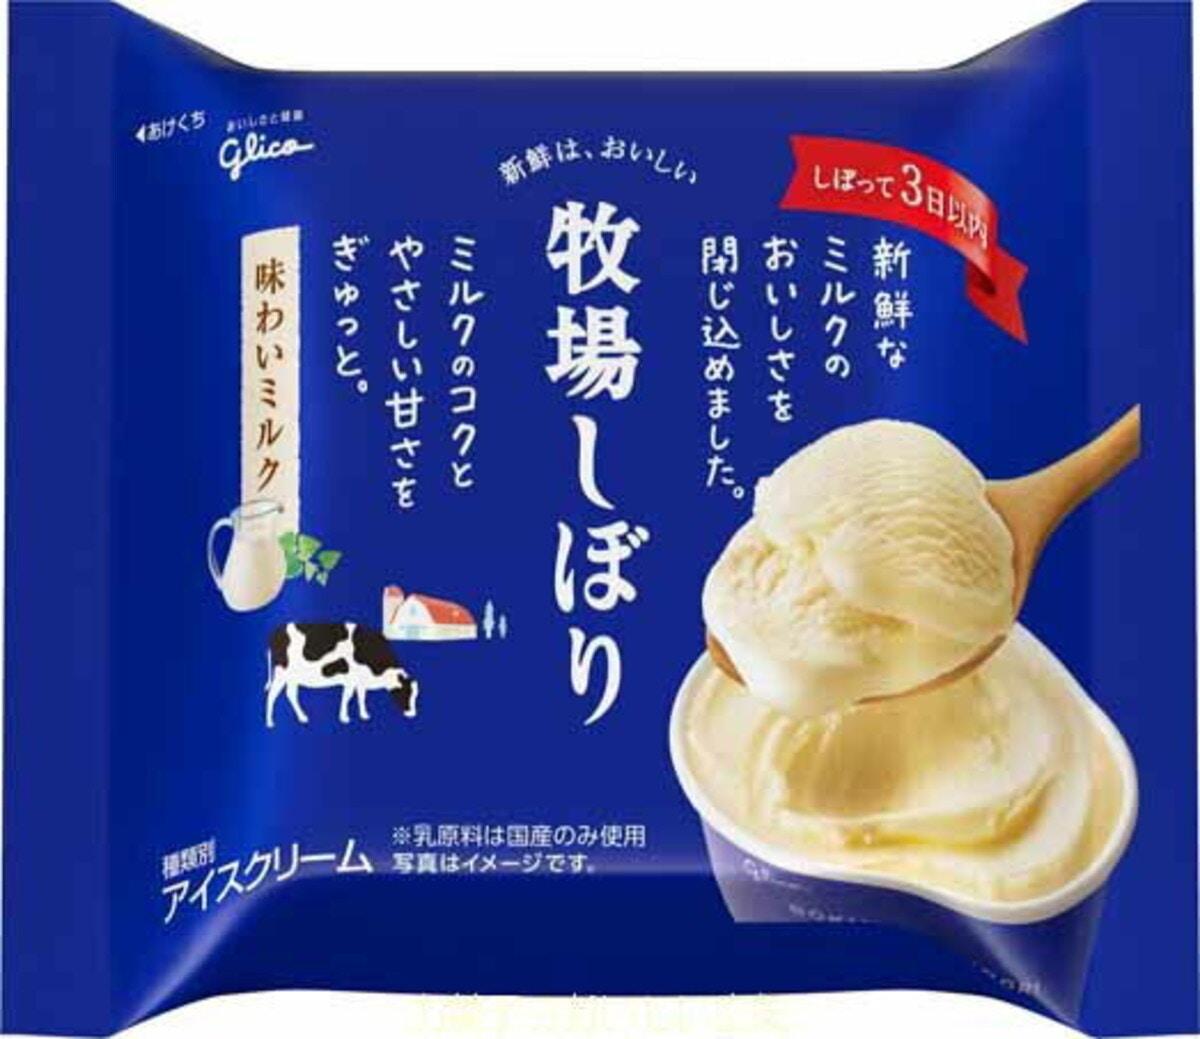 江崎グリコ 牧場しぼり味わいミルク(バニラ)